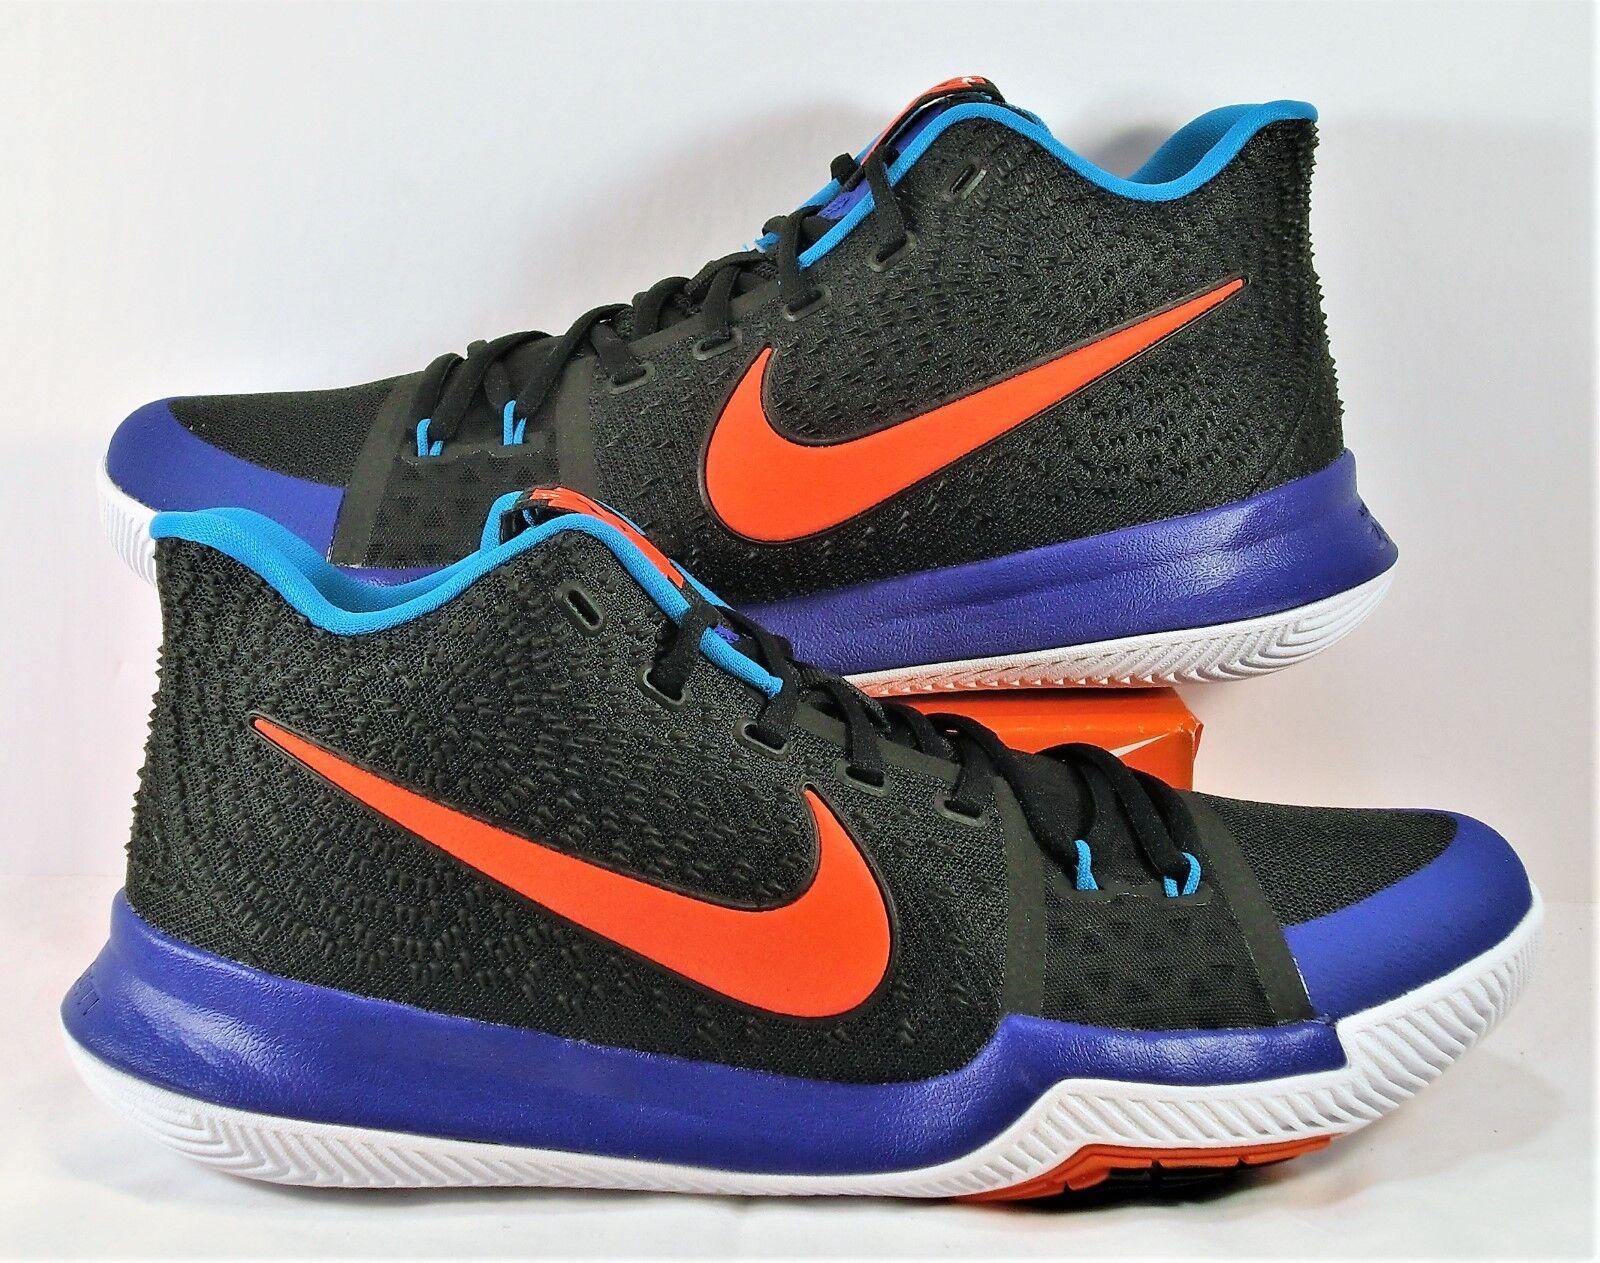 Nike Kyrie 3 III Kyrache Black & Team Orange & Concord Sz 10.5 NEW 852395 007